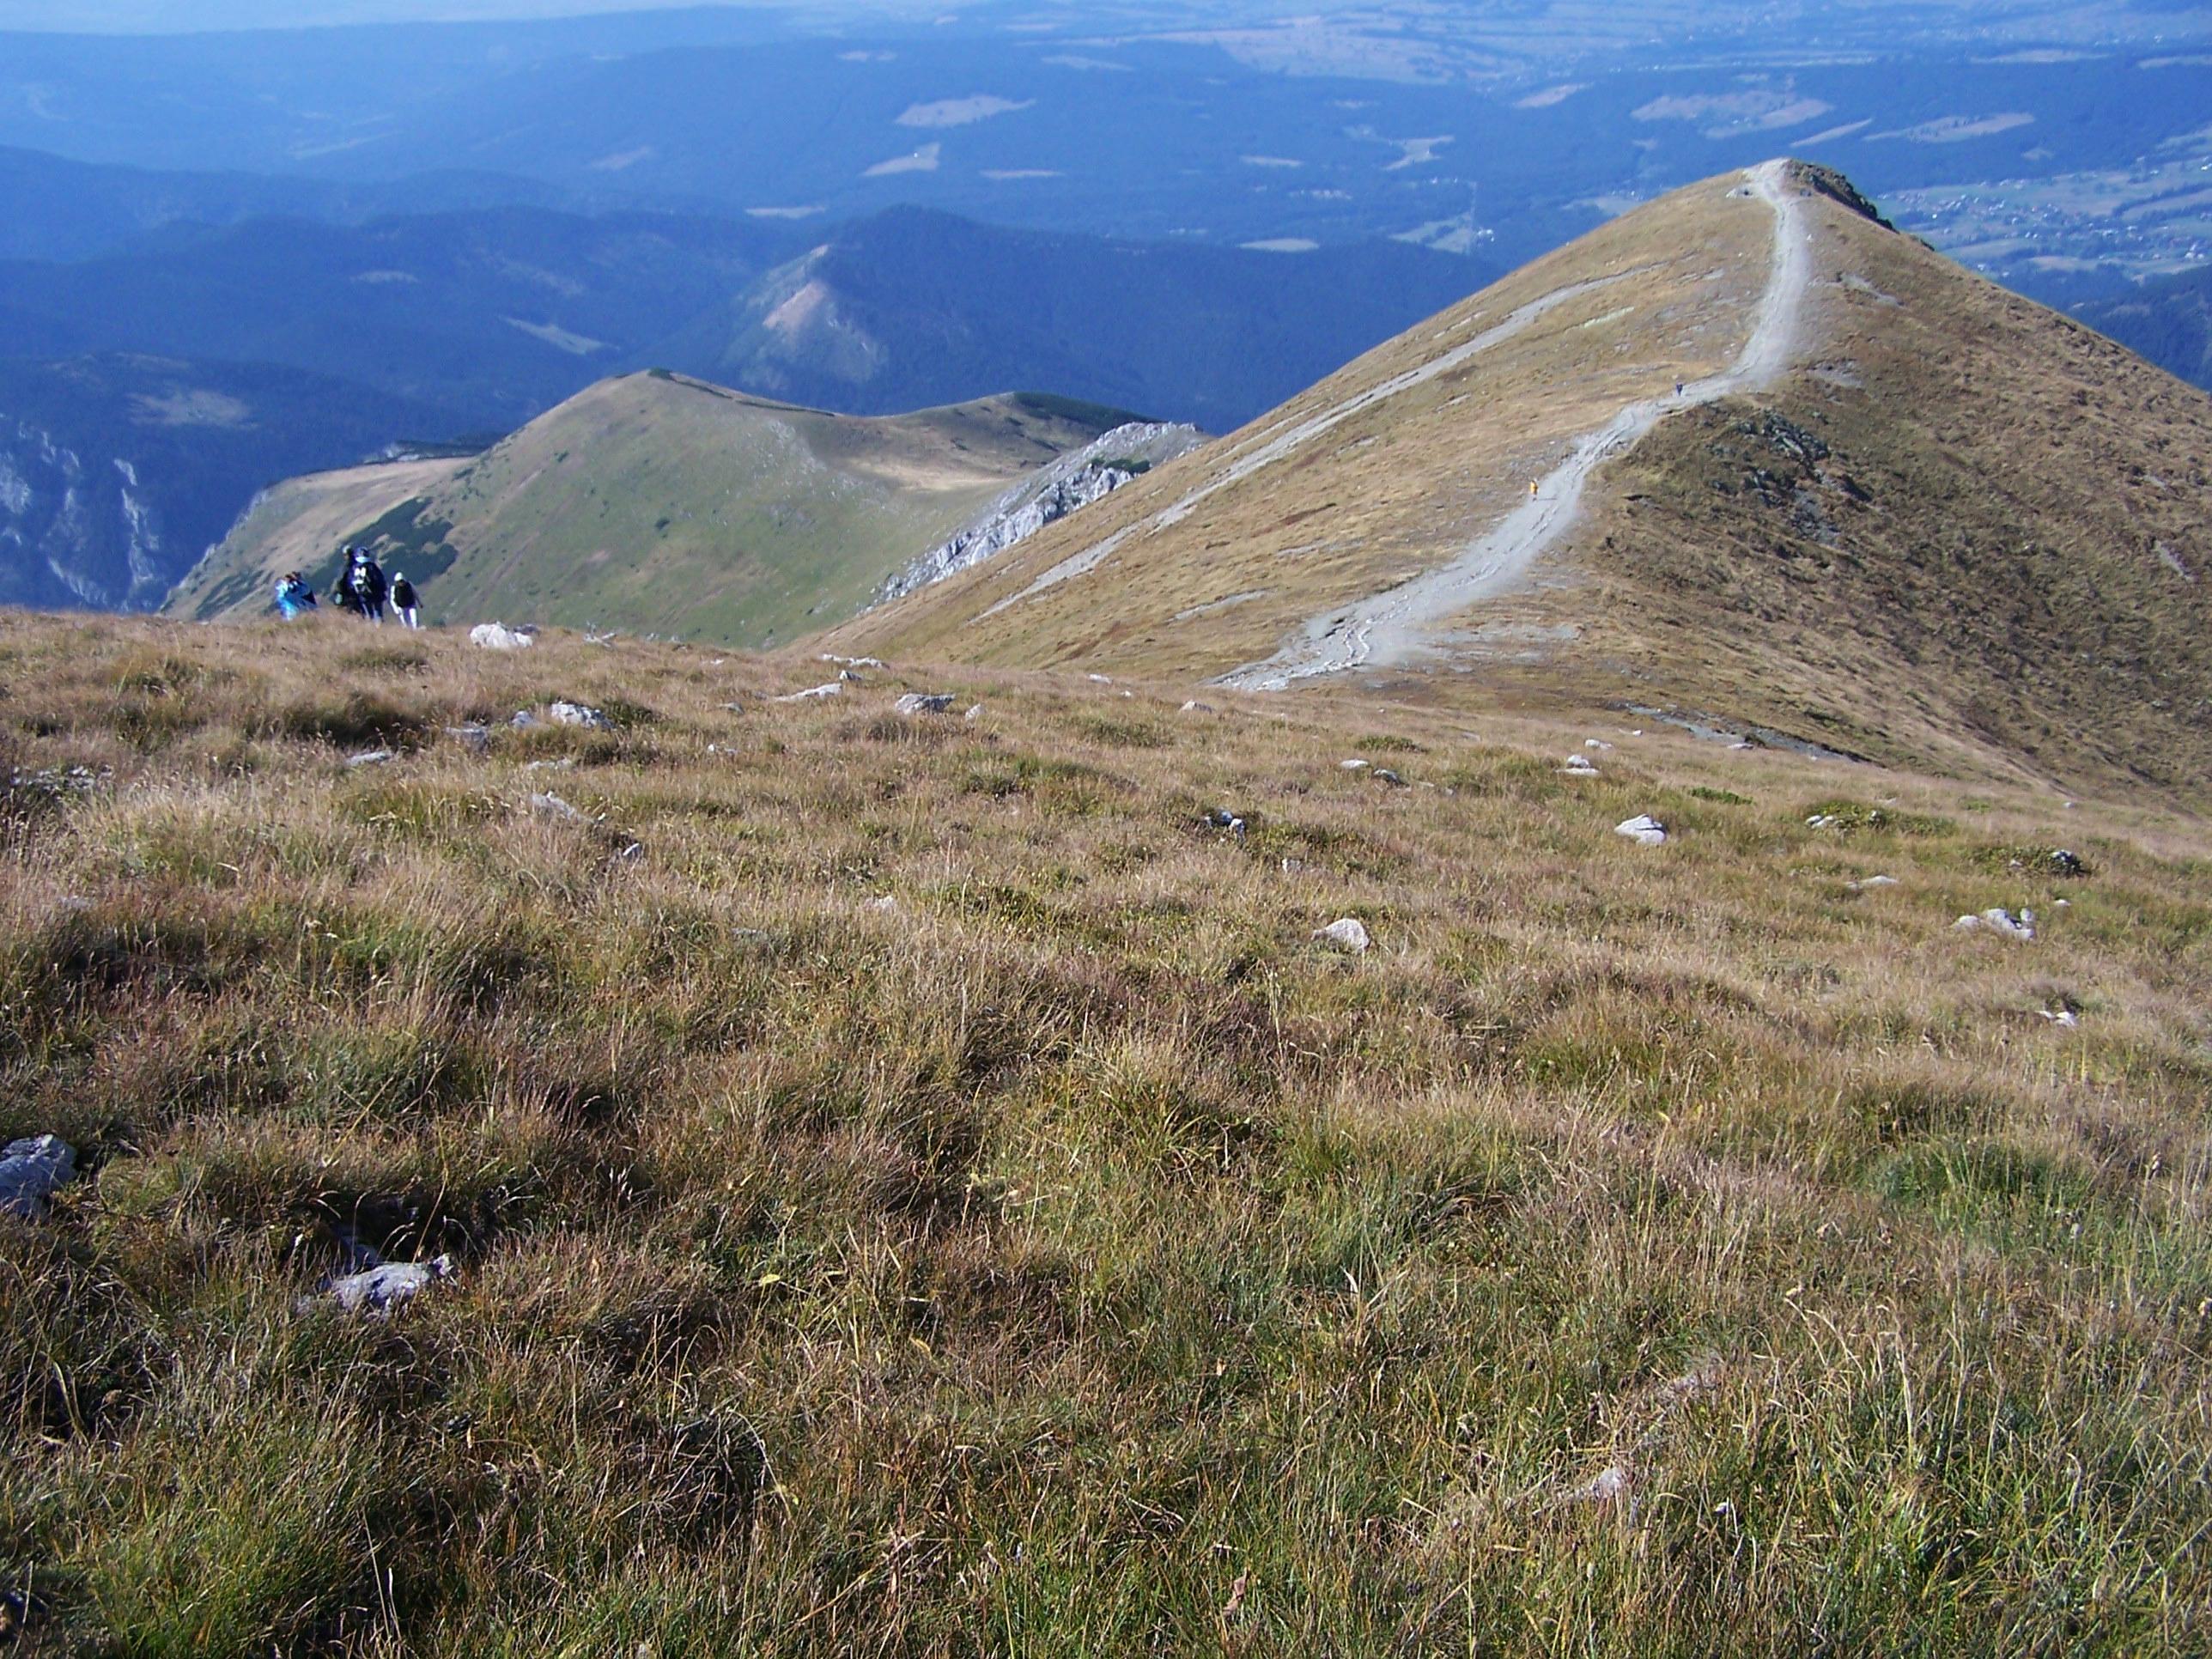 Twardy Upłaz (Wikimedia)